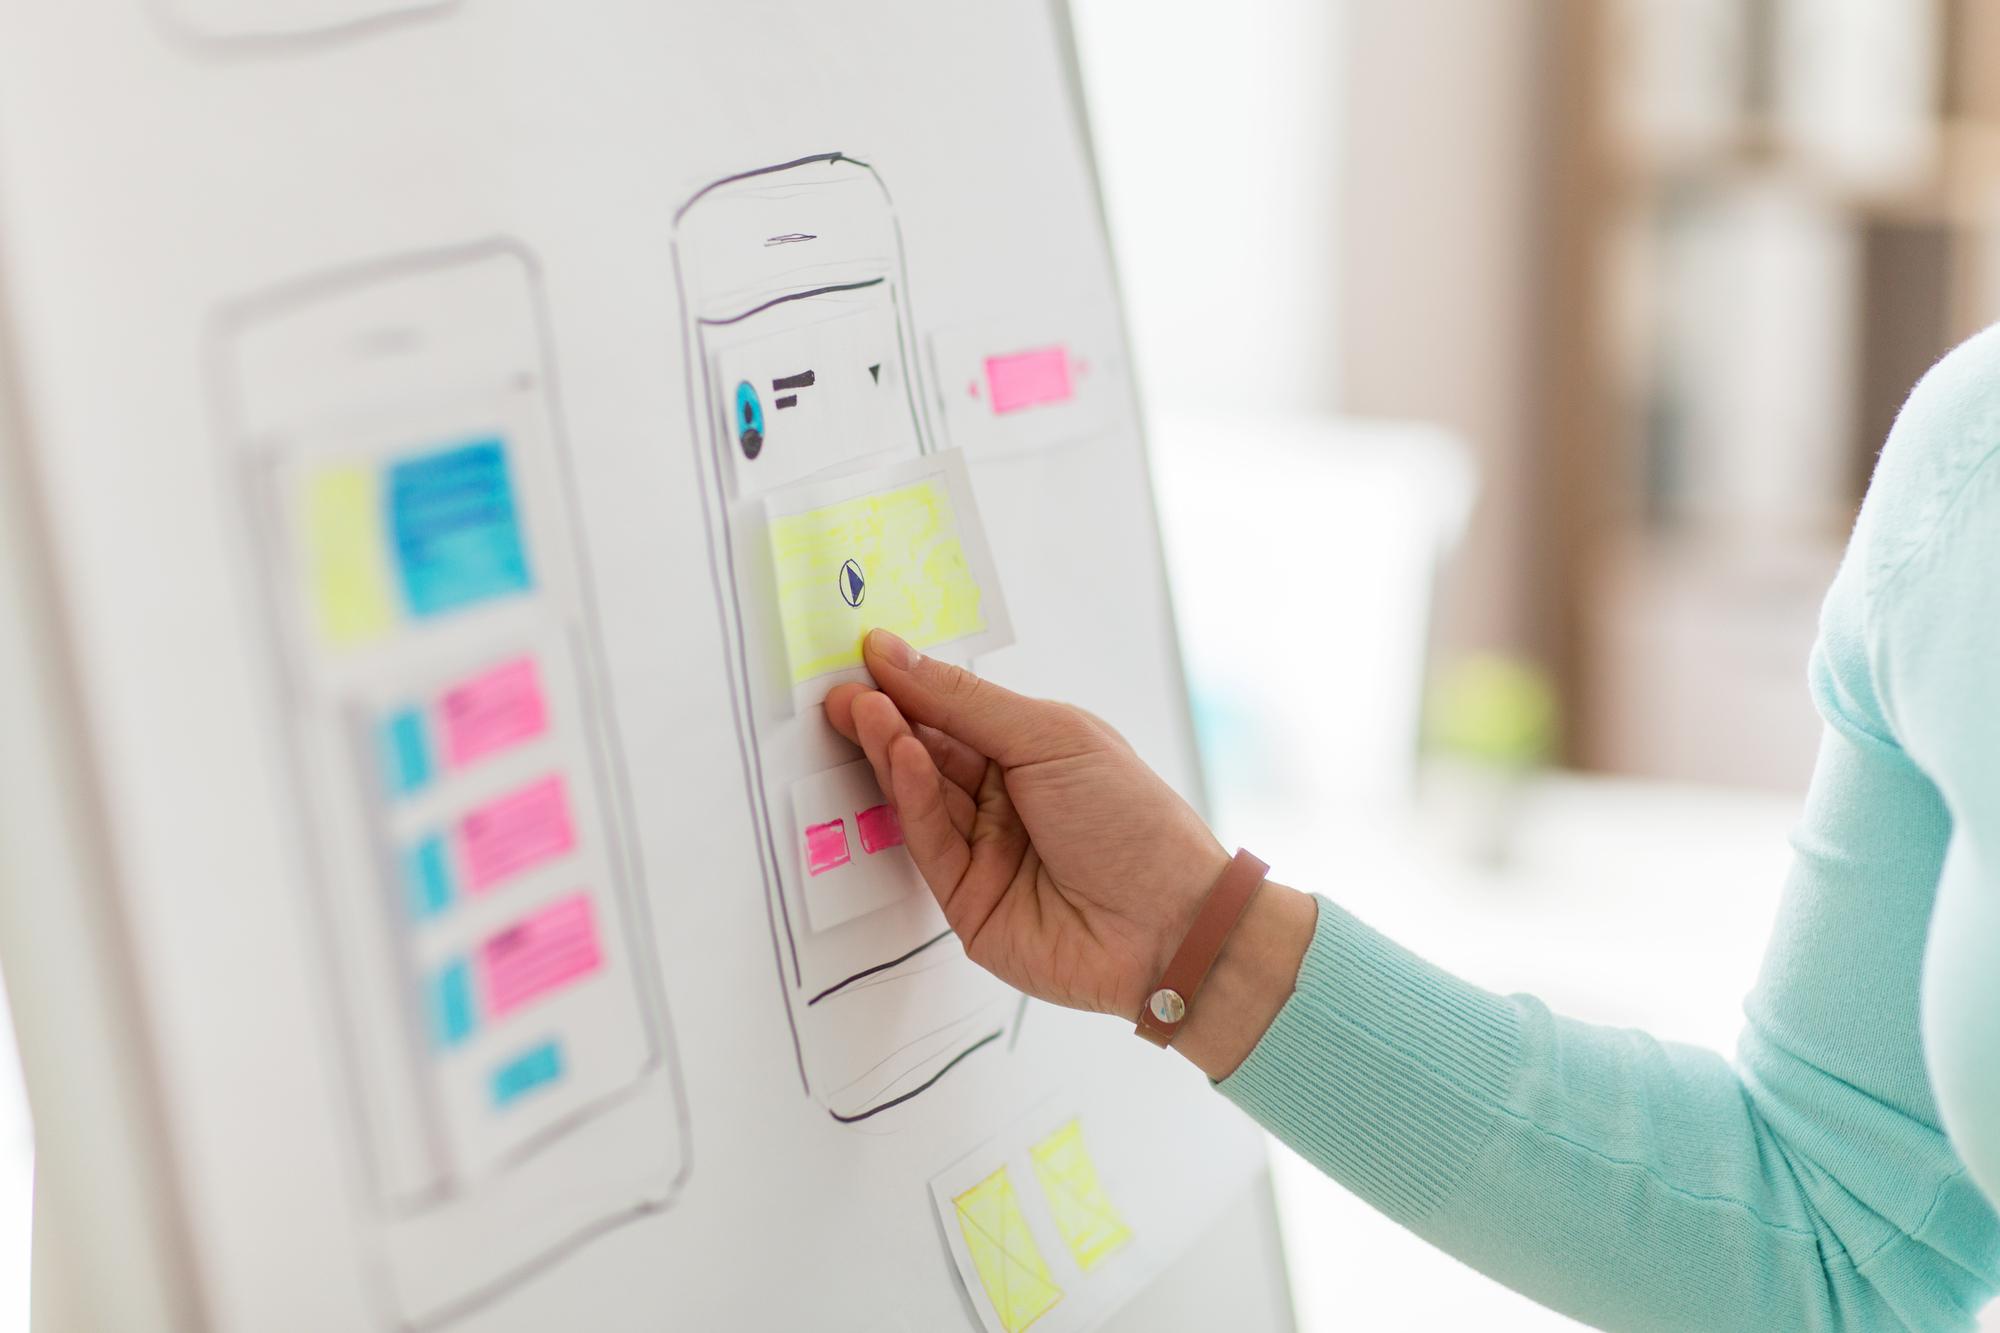 スマホサイトデザインの参考になる、高品質なギャラリーサイト10選